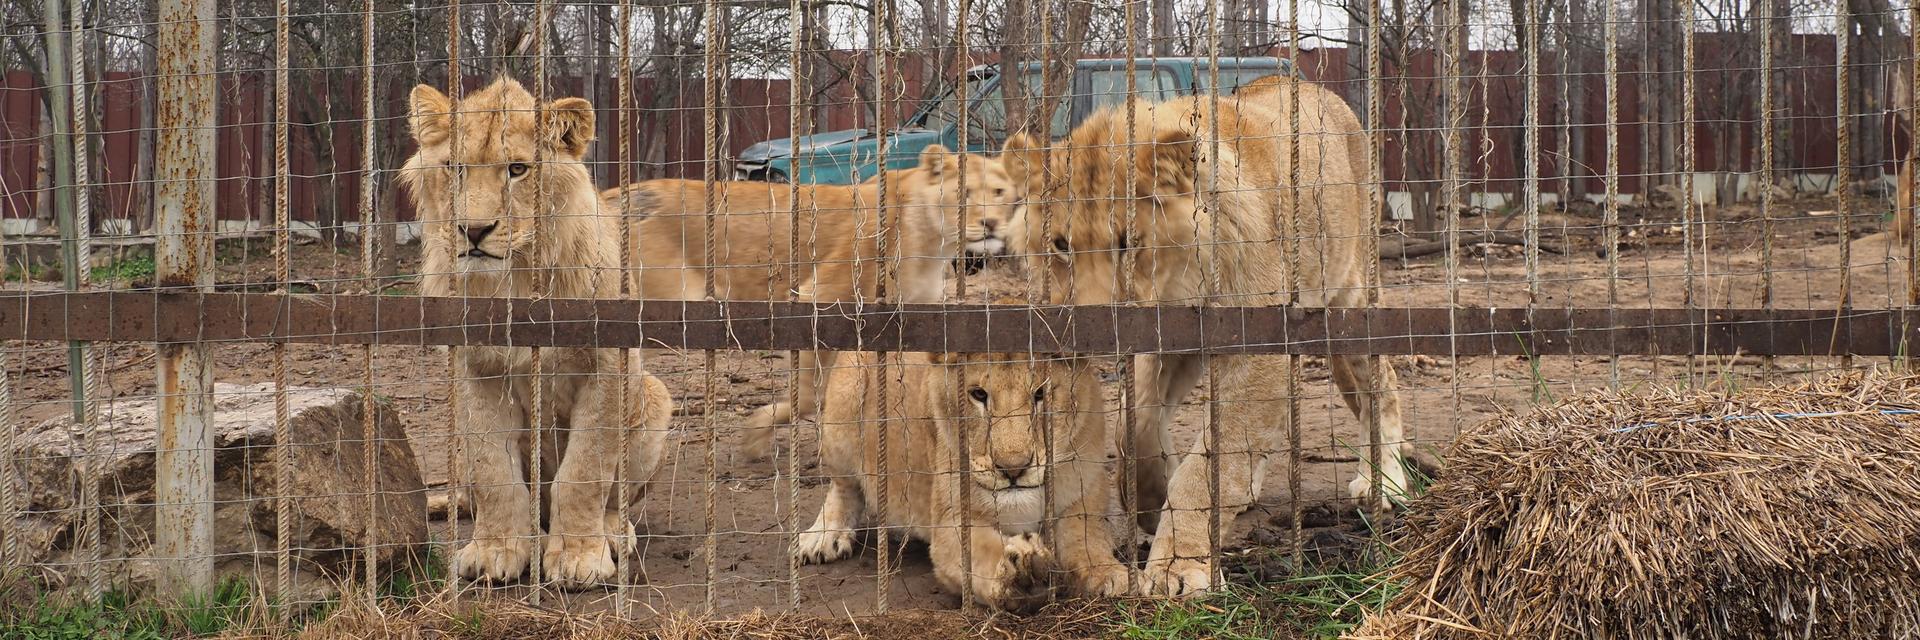 Sieben Löwen in einem Käfig in Rumänien